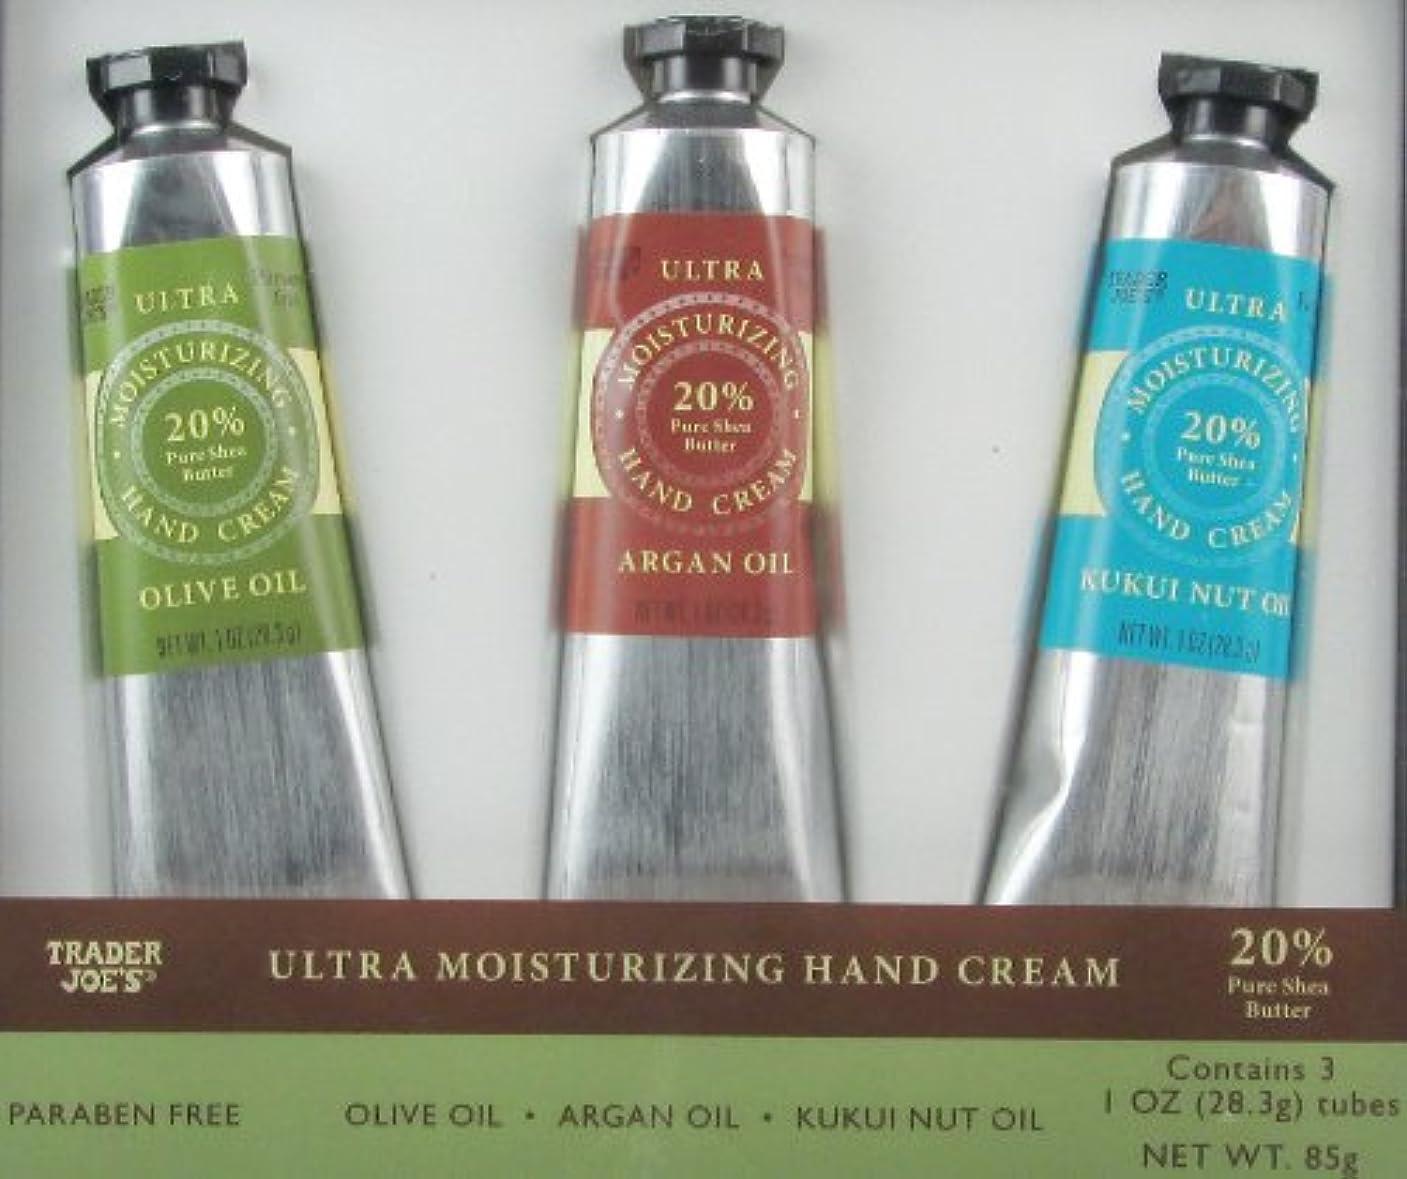 偽有毒な列挙するトレーダージョーズ ウルトラ モイスチャライジング ハンドクリーム 3種類 ギフトセット Trader Joe's Moisturizing Hand Cream Trio Olive Oil, Argan Oil, Kukui...